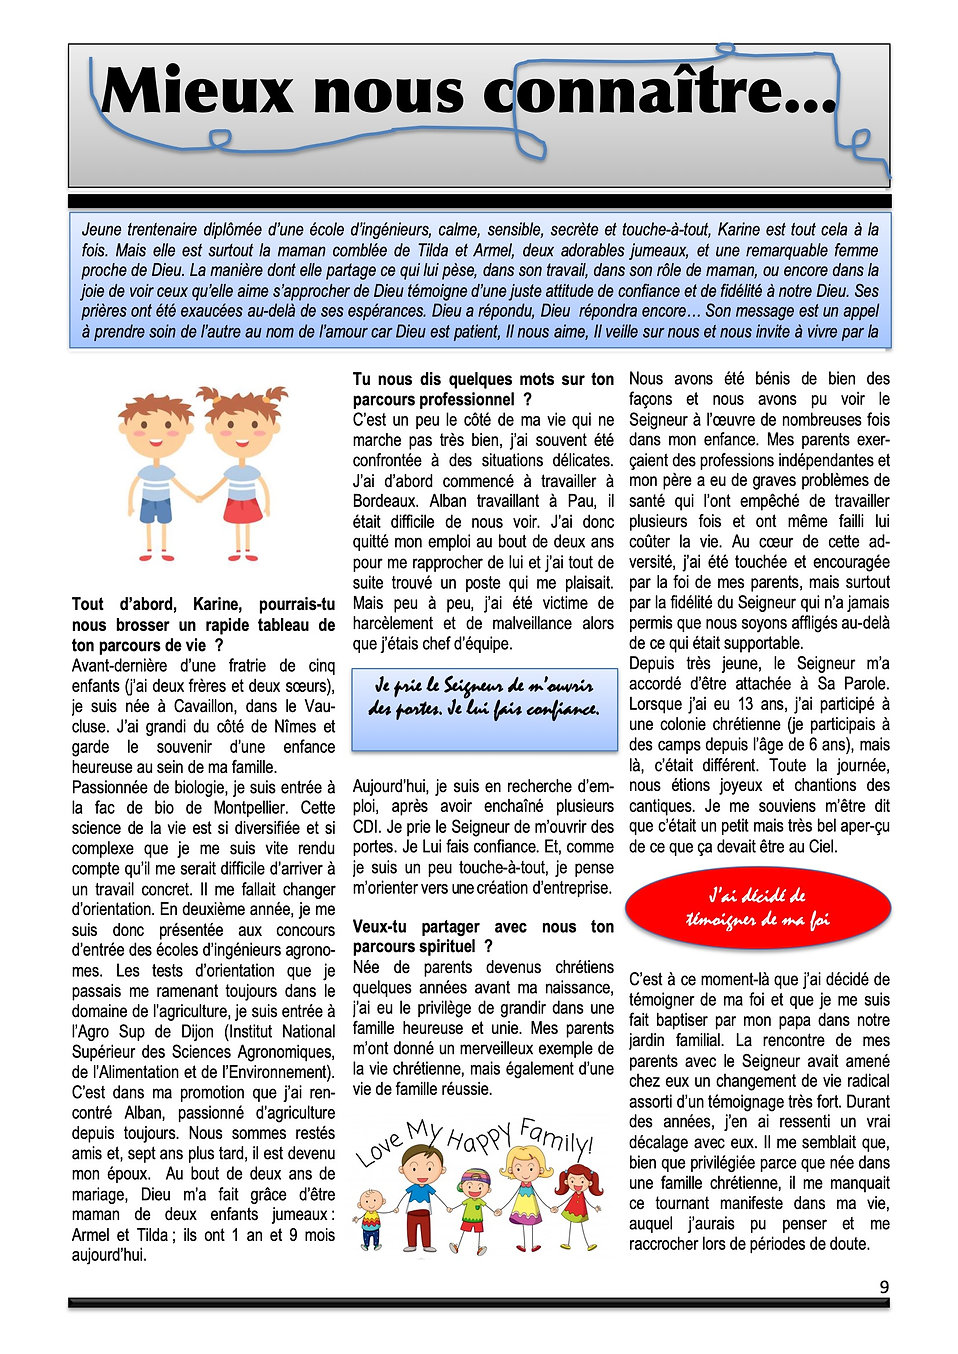 P'tit BN 31-51-page9.jpeg